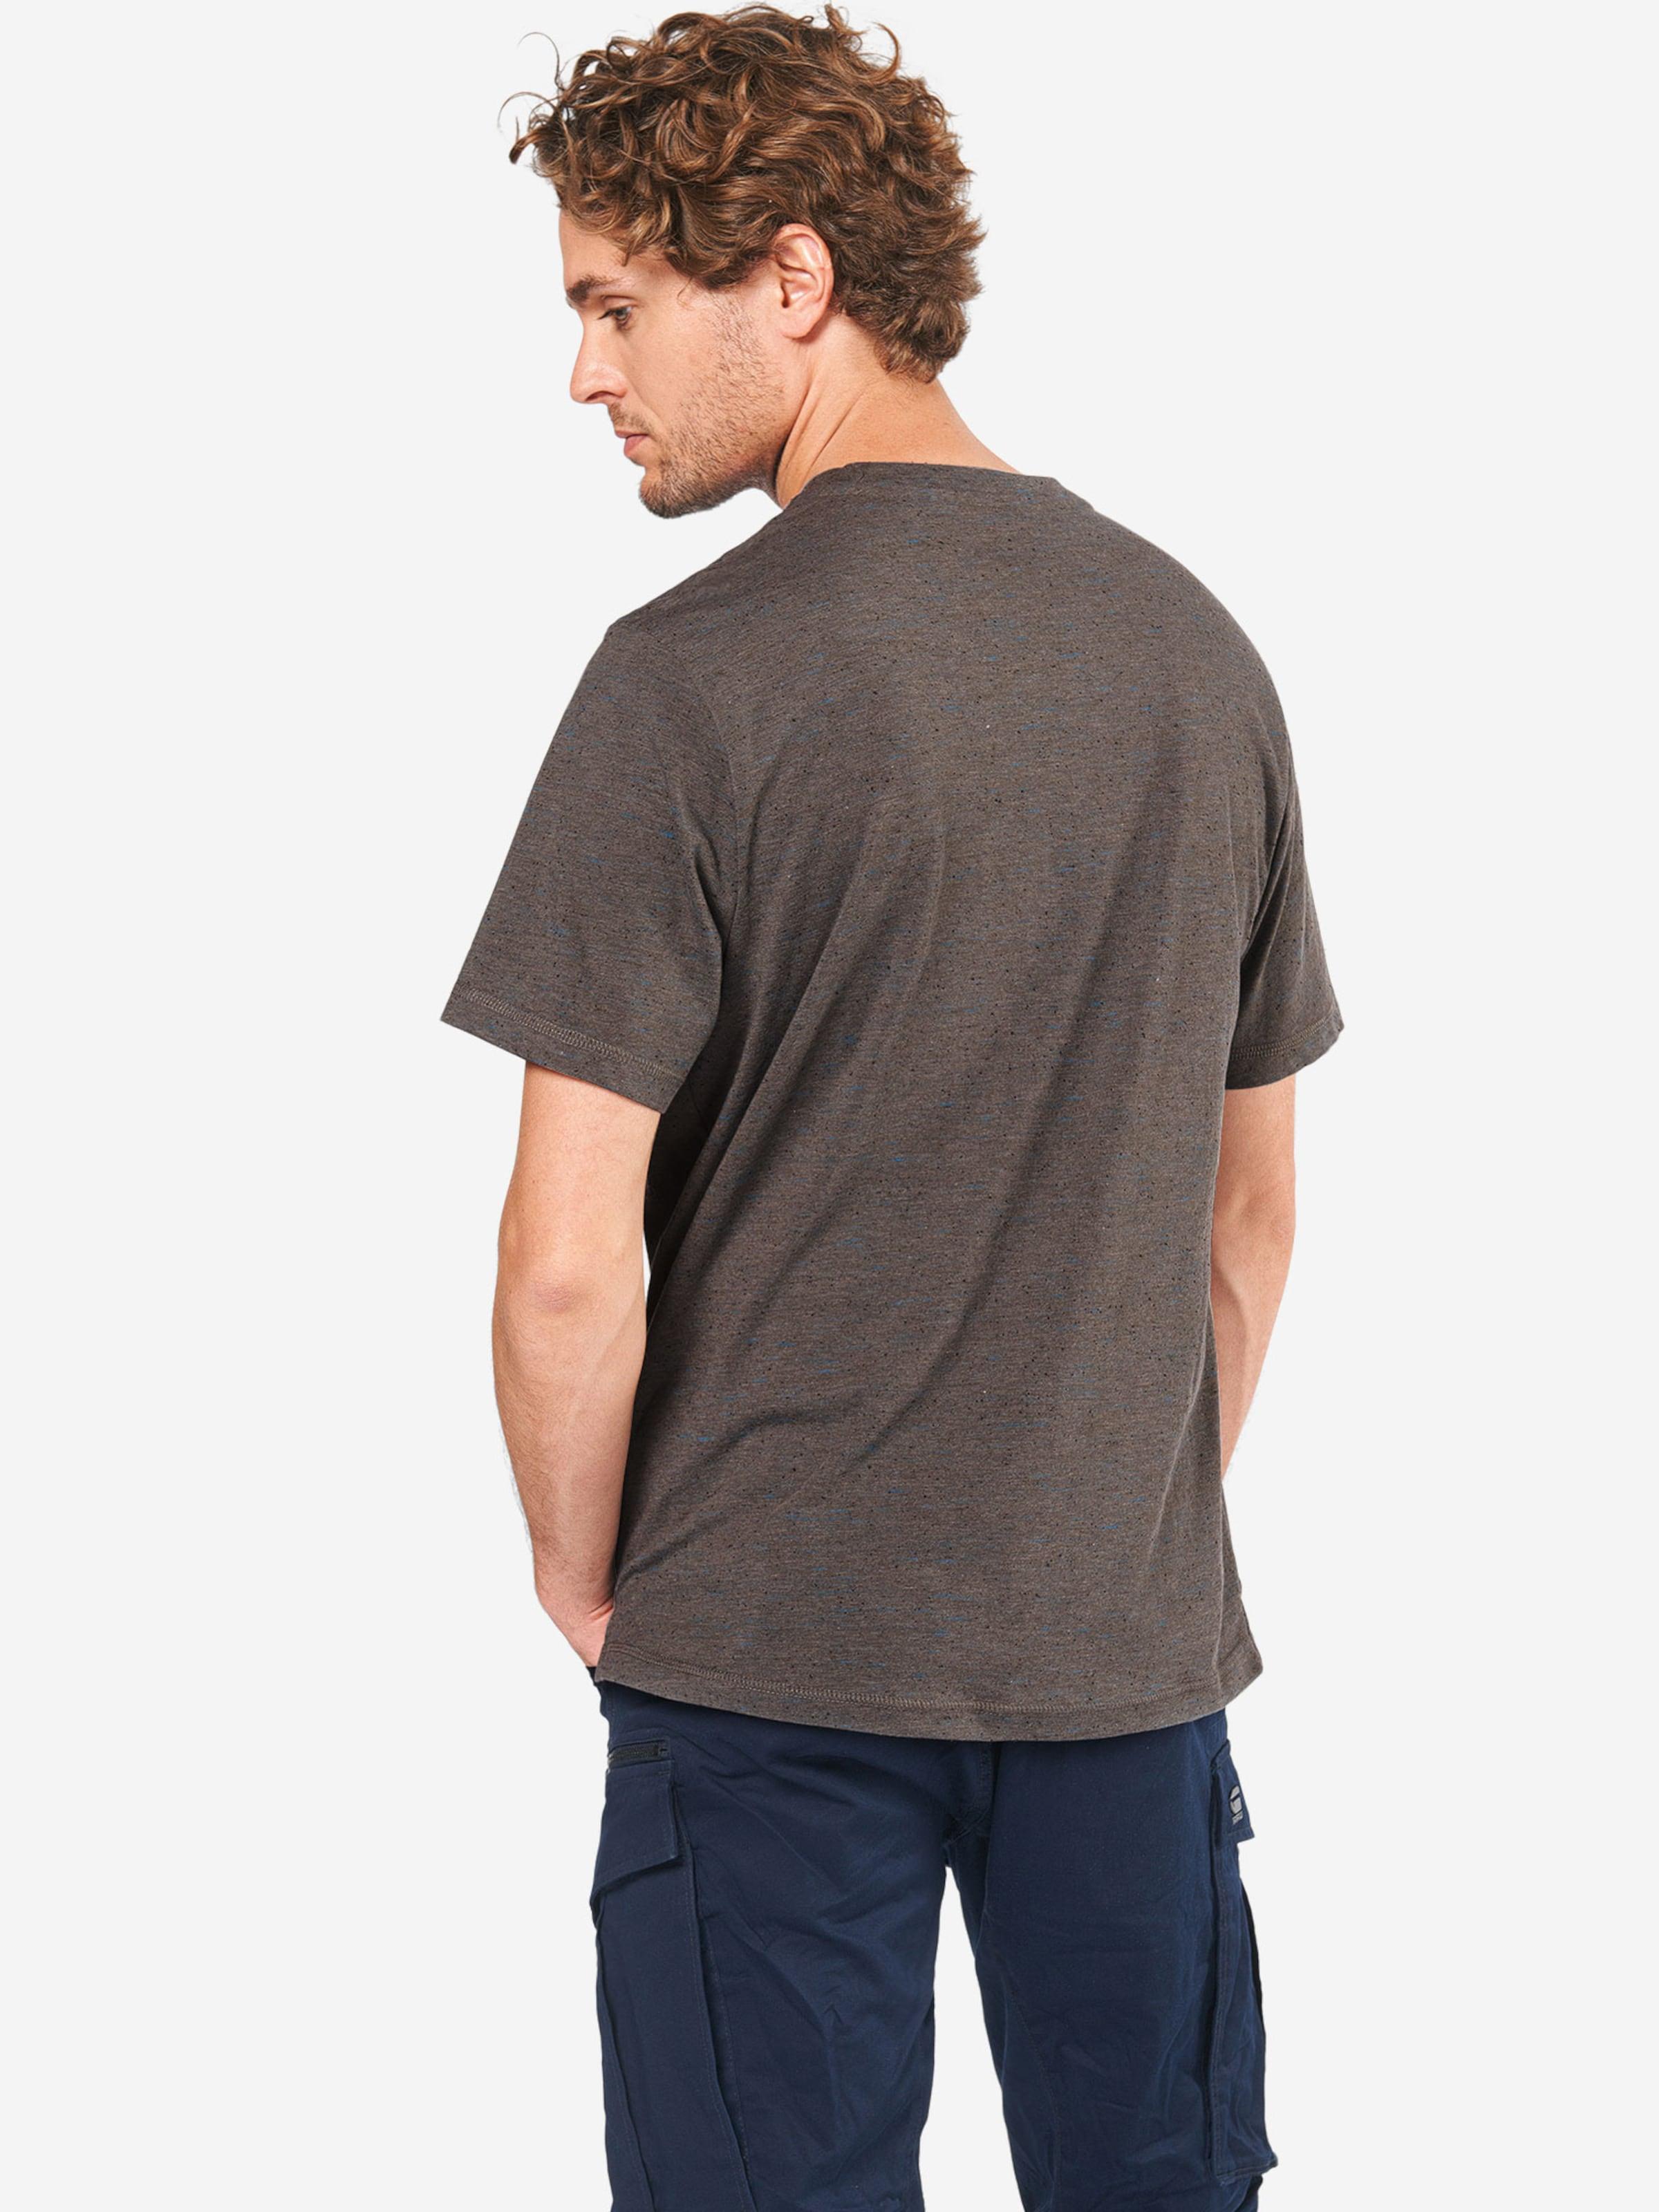 BENCH T-Shirt 'GRAPHIC TEE' Spielraum Online Offizielle Seite 5HYQz9